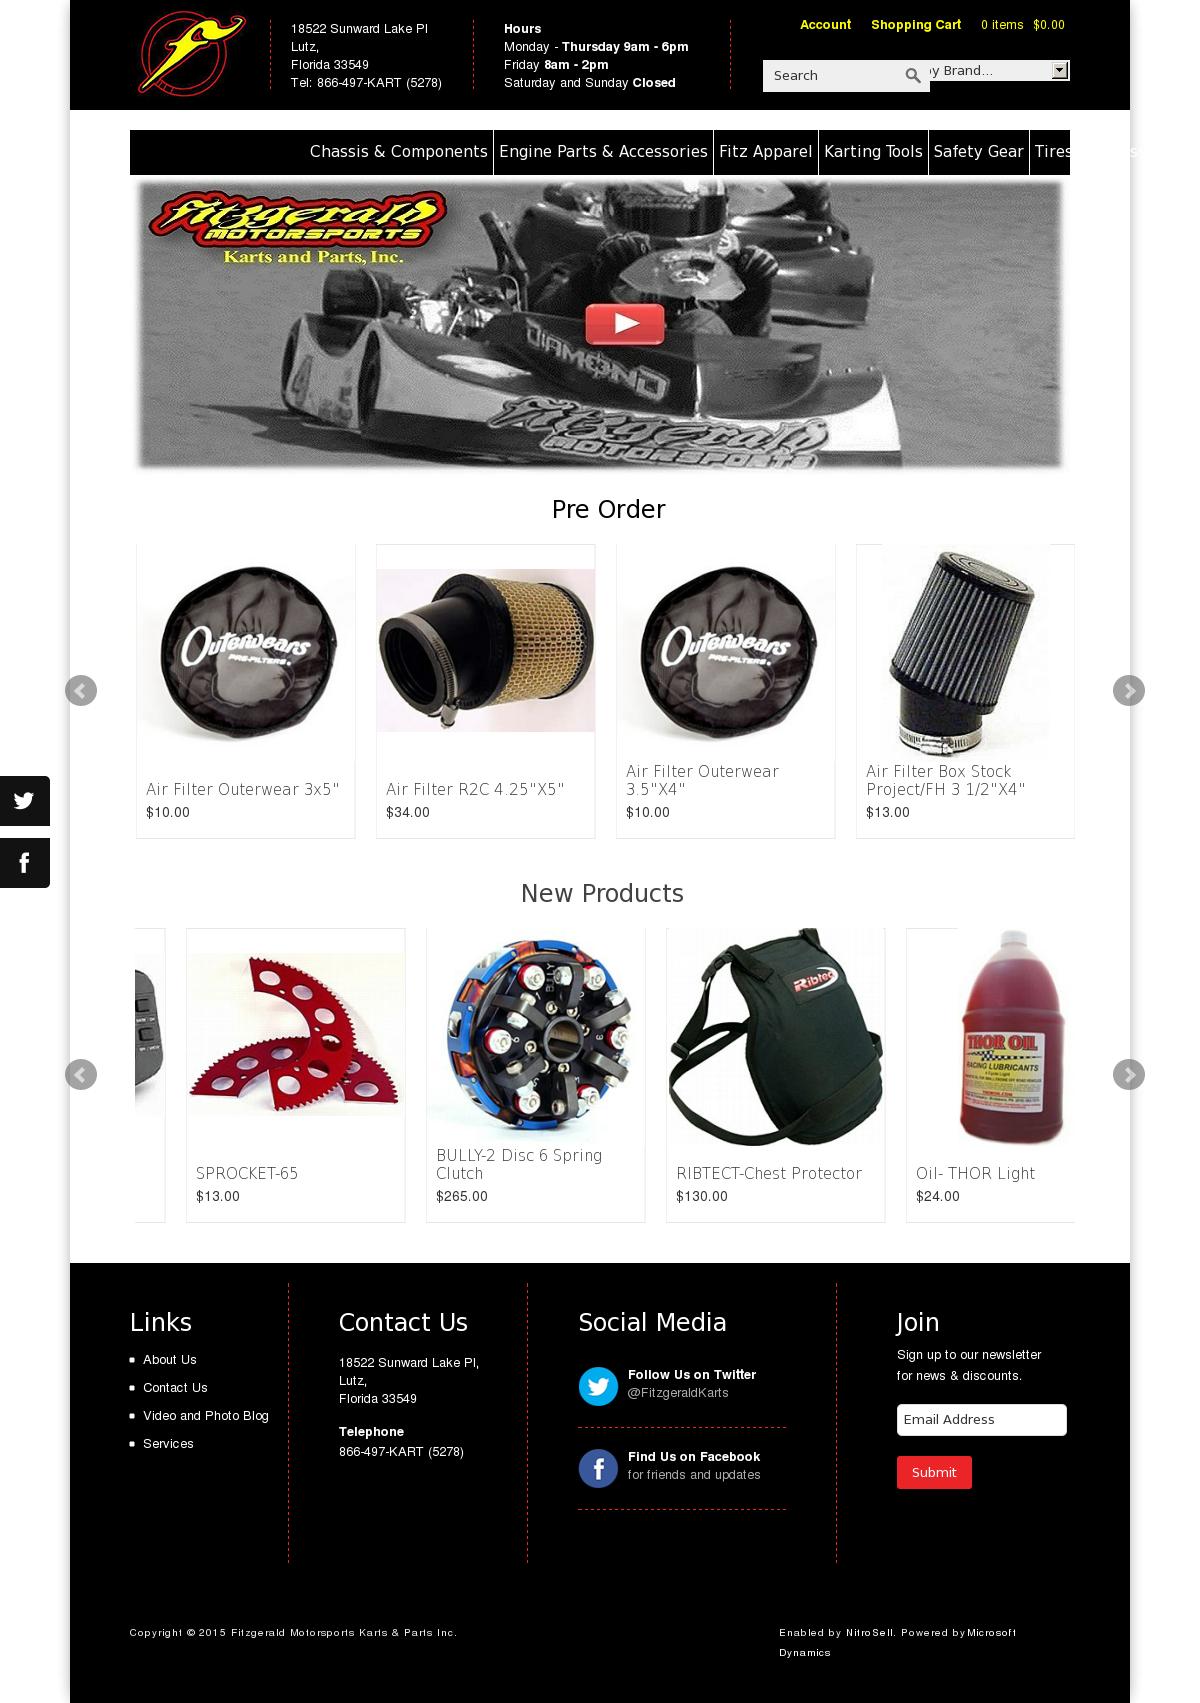 Fitzgerald Motorsports Karts & Parts petitors Revenue and